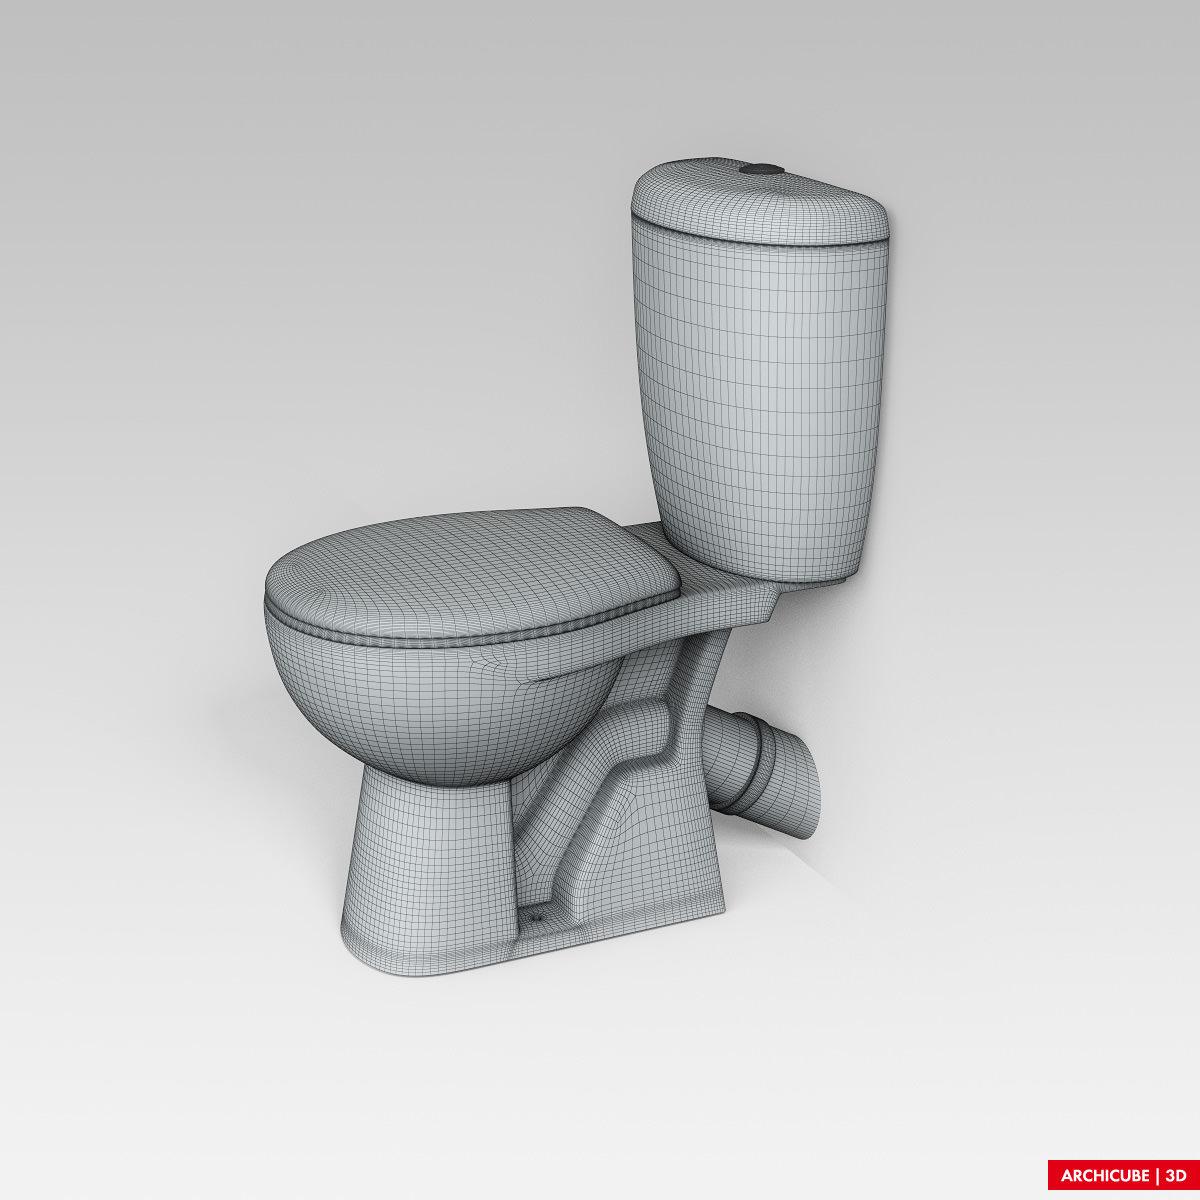 Toilet 04 3d model max obj fbx - Toilet model ...